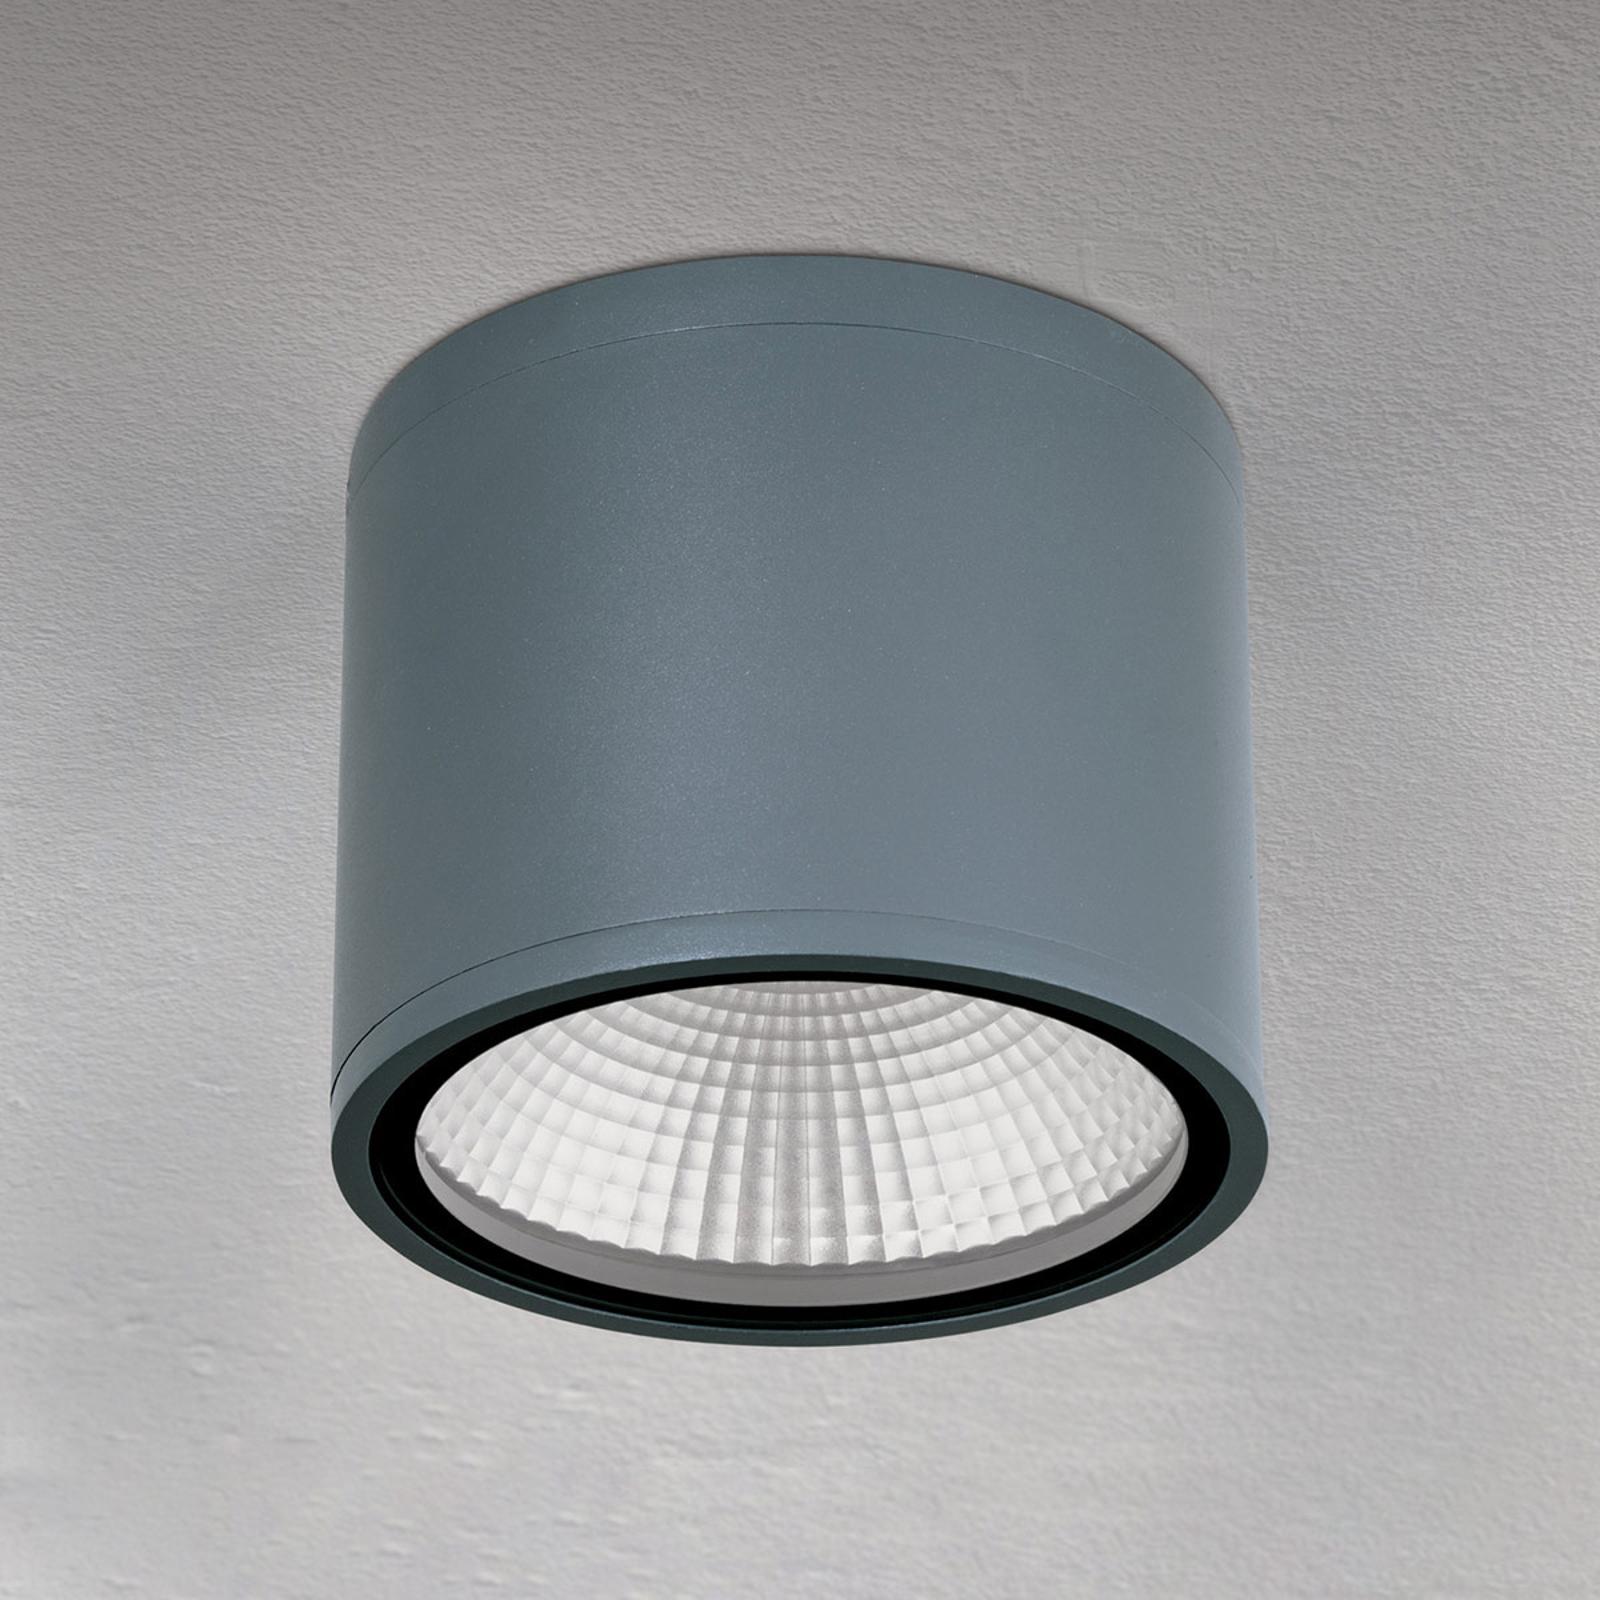 LED stropní světlo Sputnik IP65 Ø 14,5cm antracit